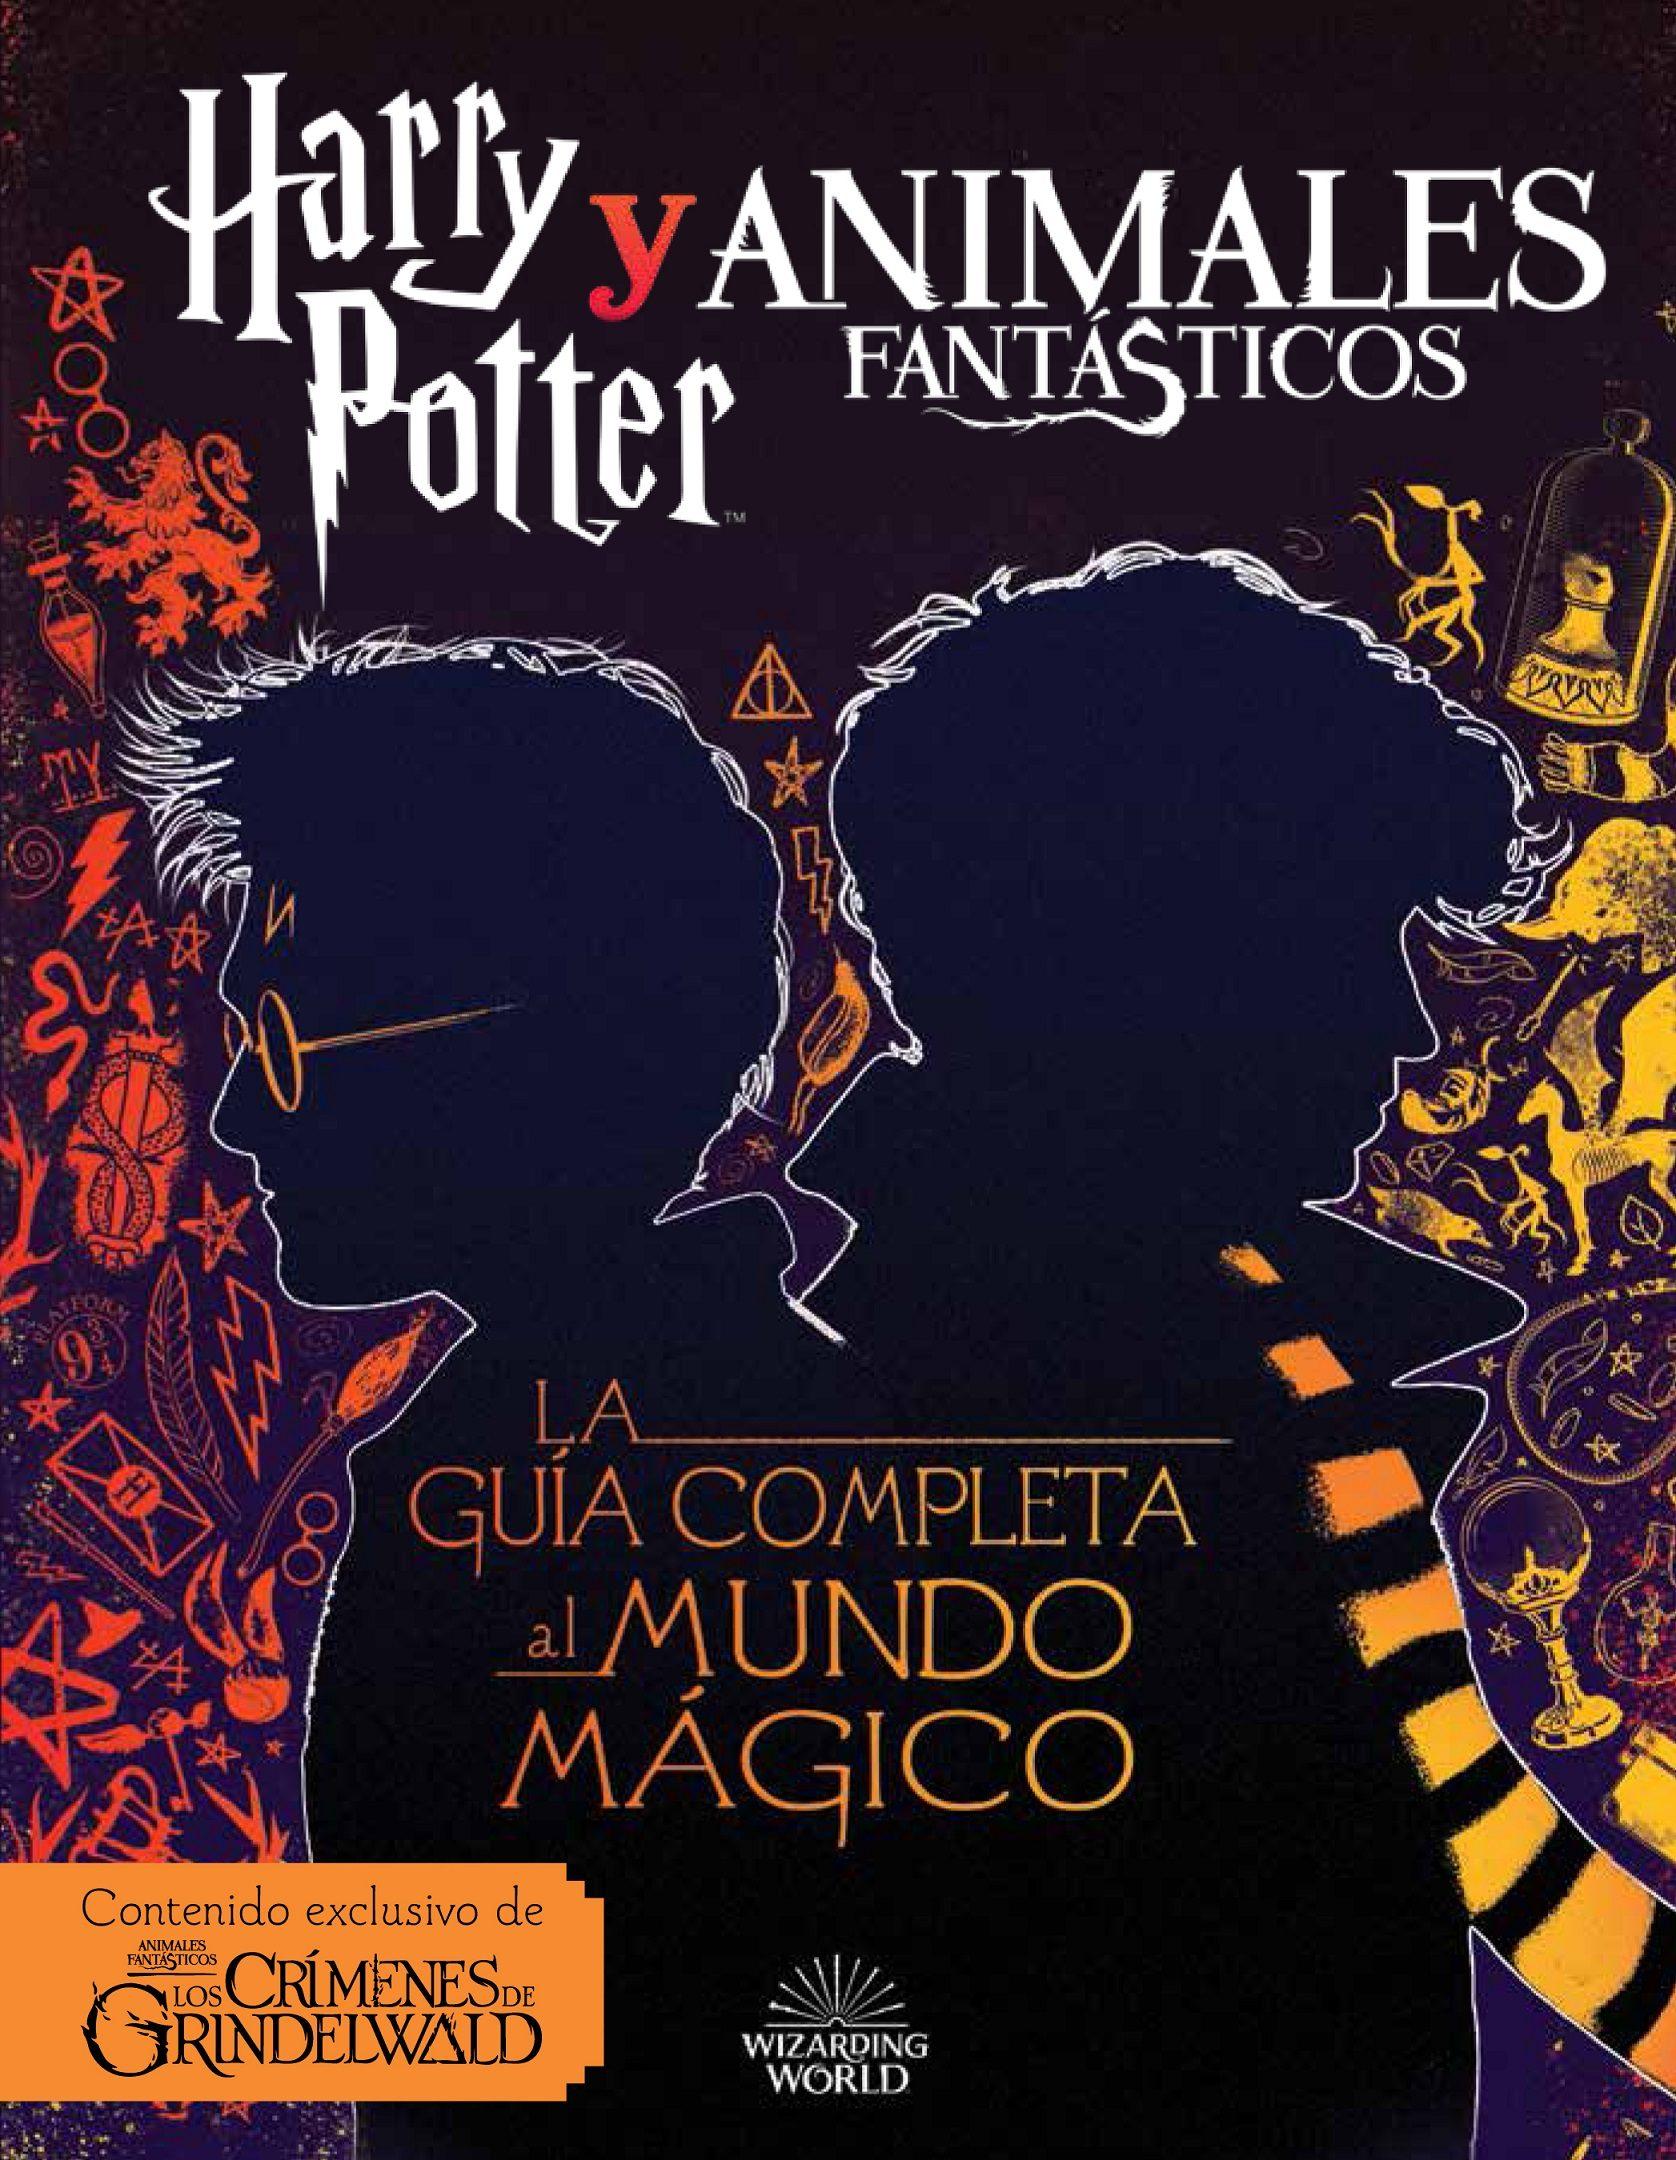 harry potter y animales fantasticos. la guia al mundo magico-harry potter-9788893675420